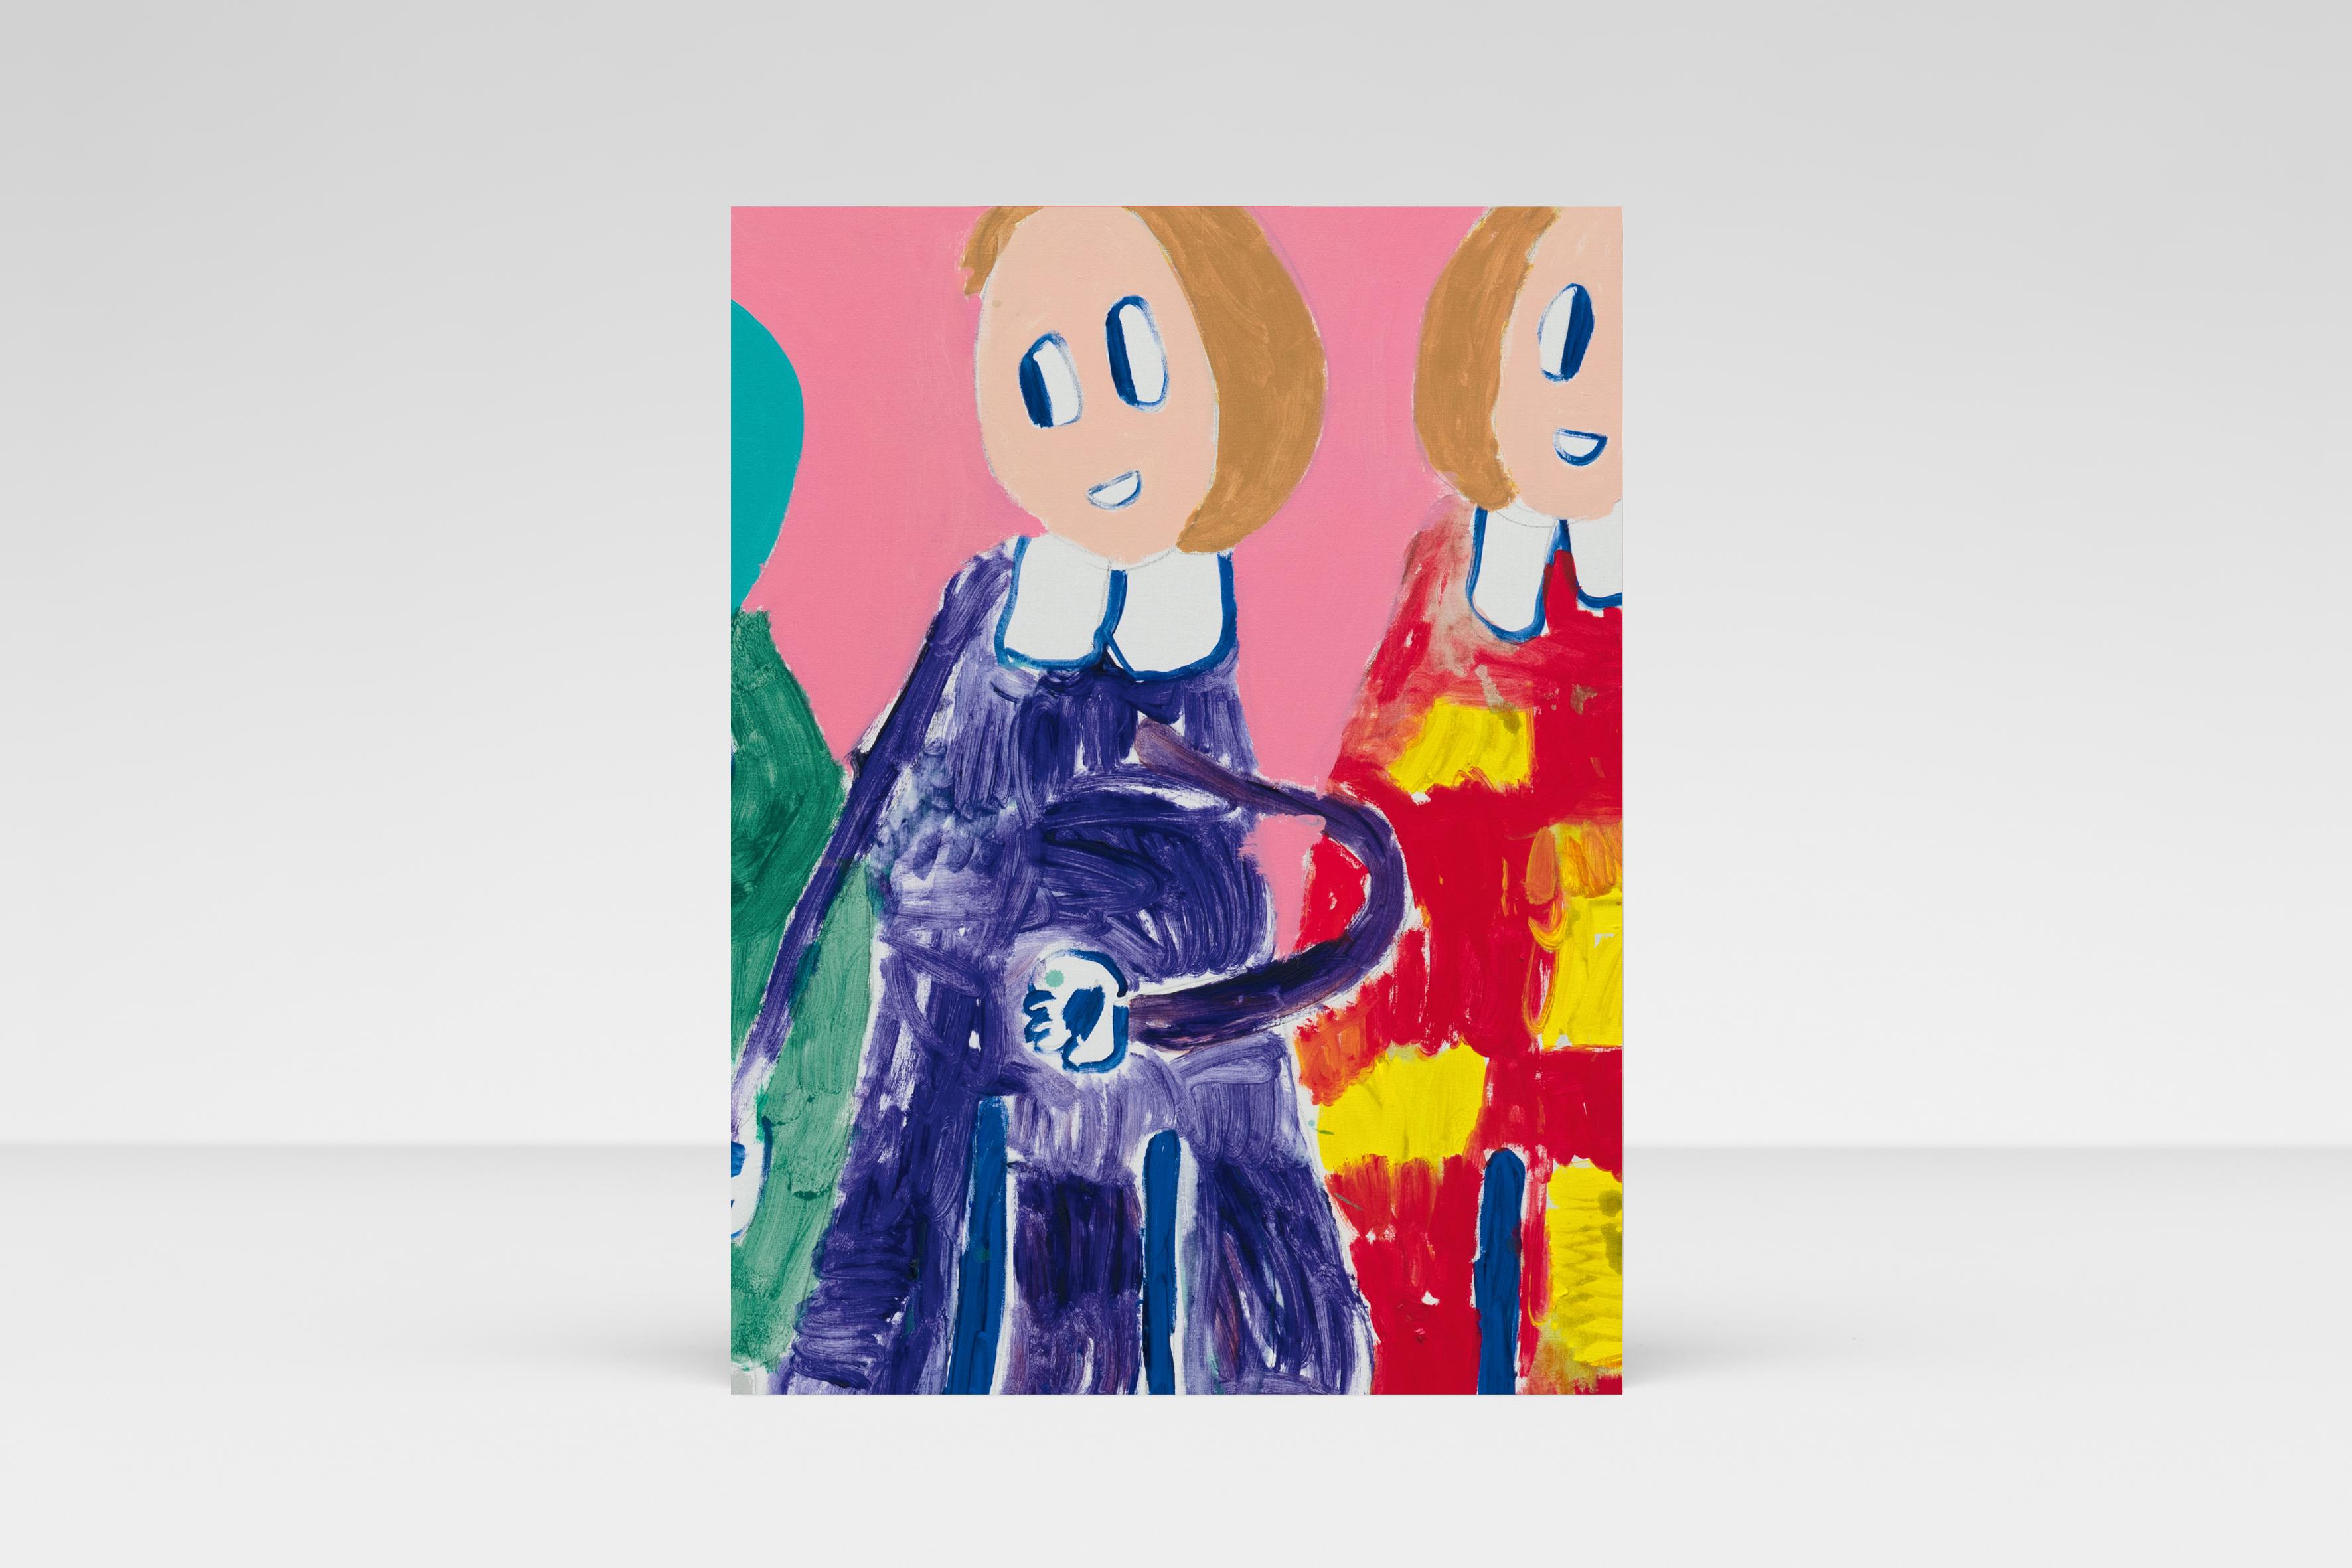 André Butzer - Galerie Max Hetzler